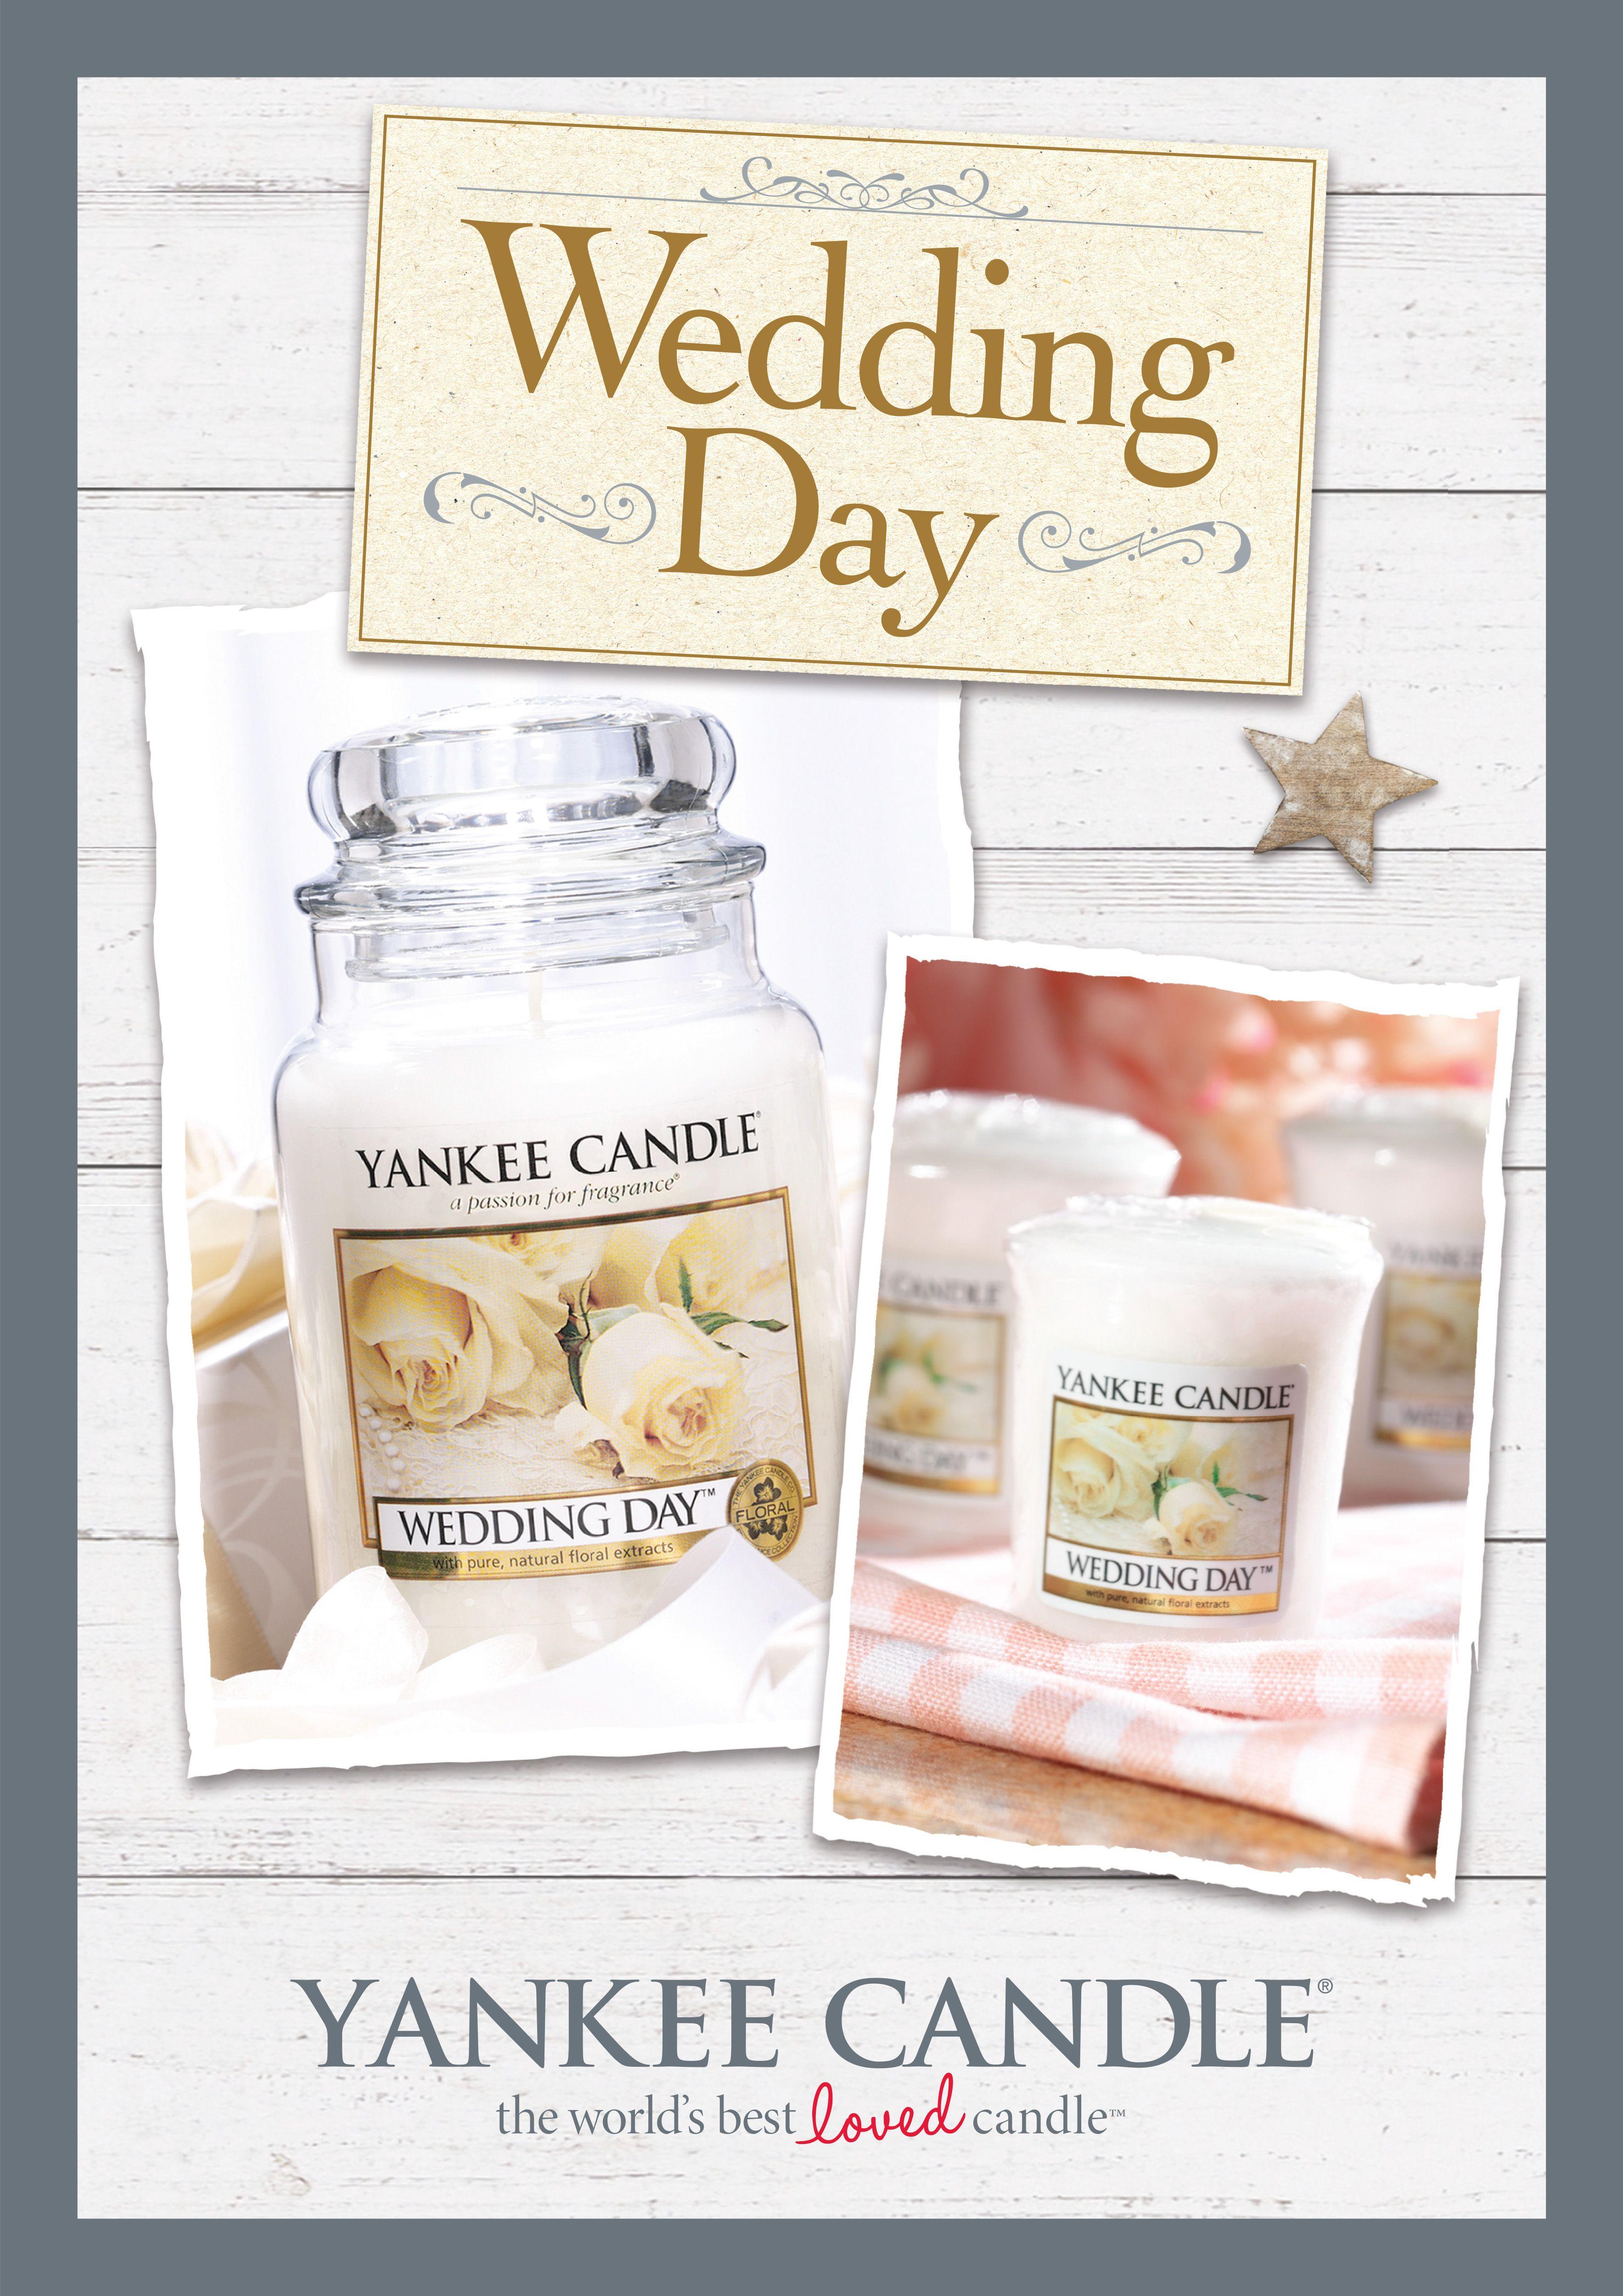 Wedding decorations list  Går du i bröllopstankar Hjärtliga gratulationer från oss på Yankee